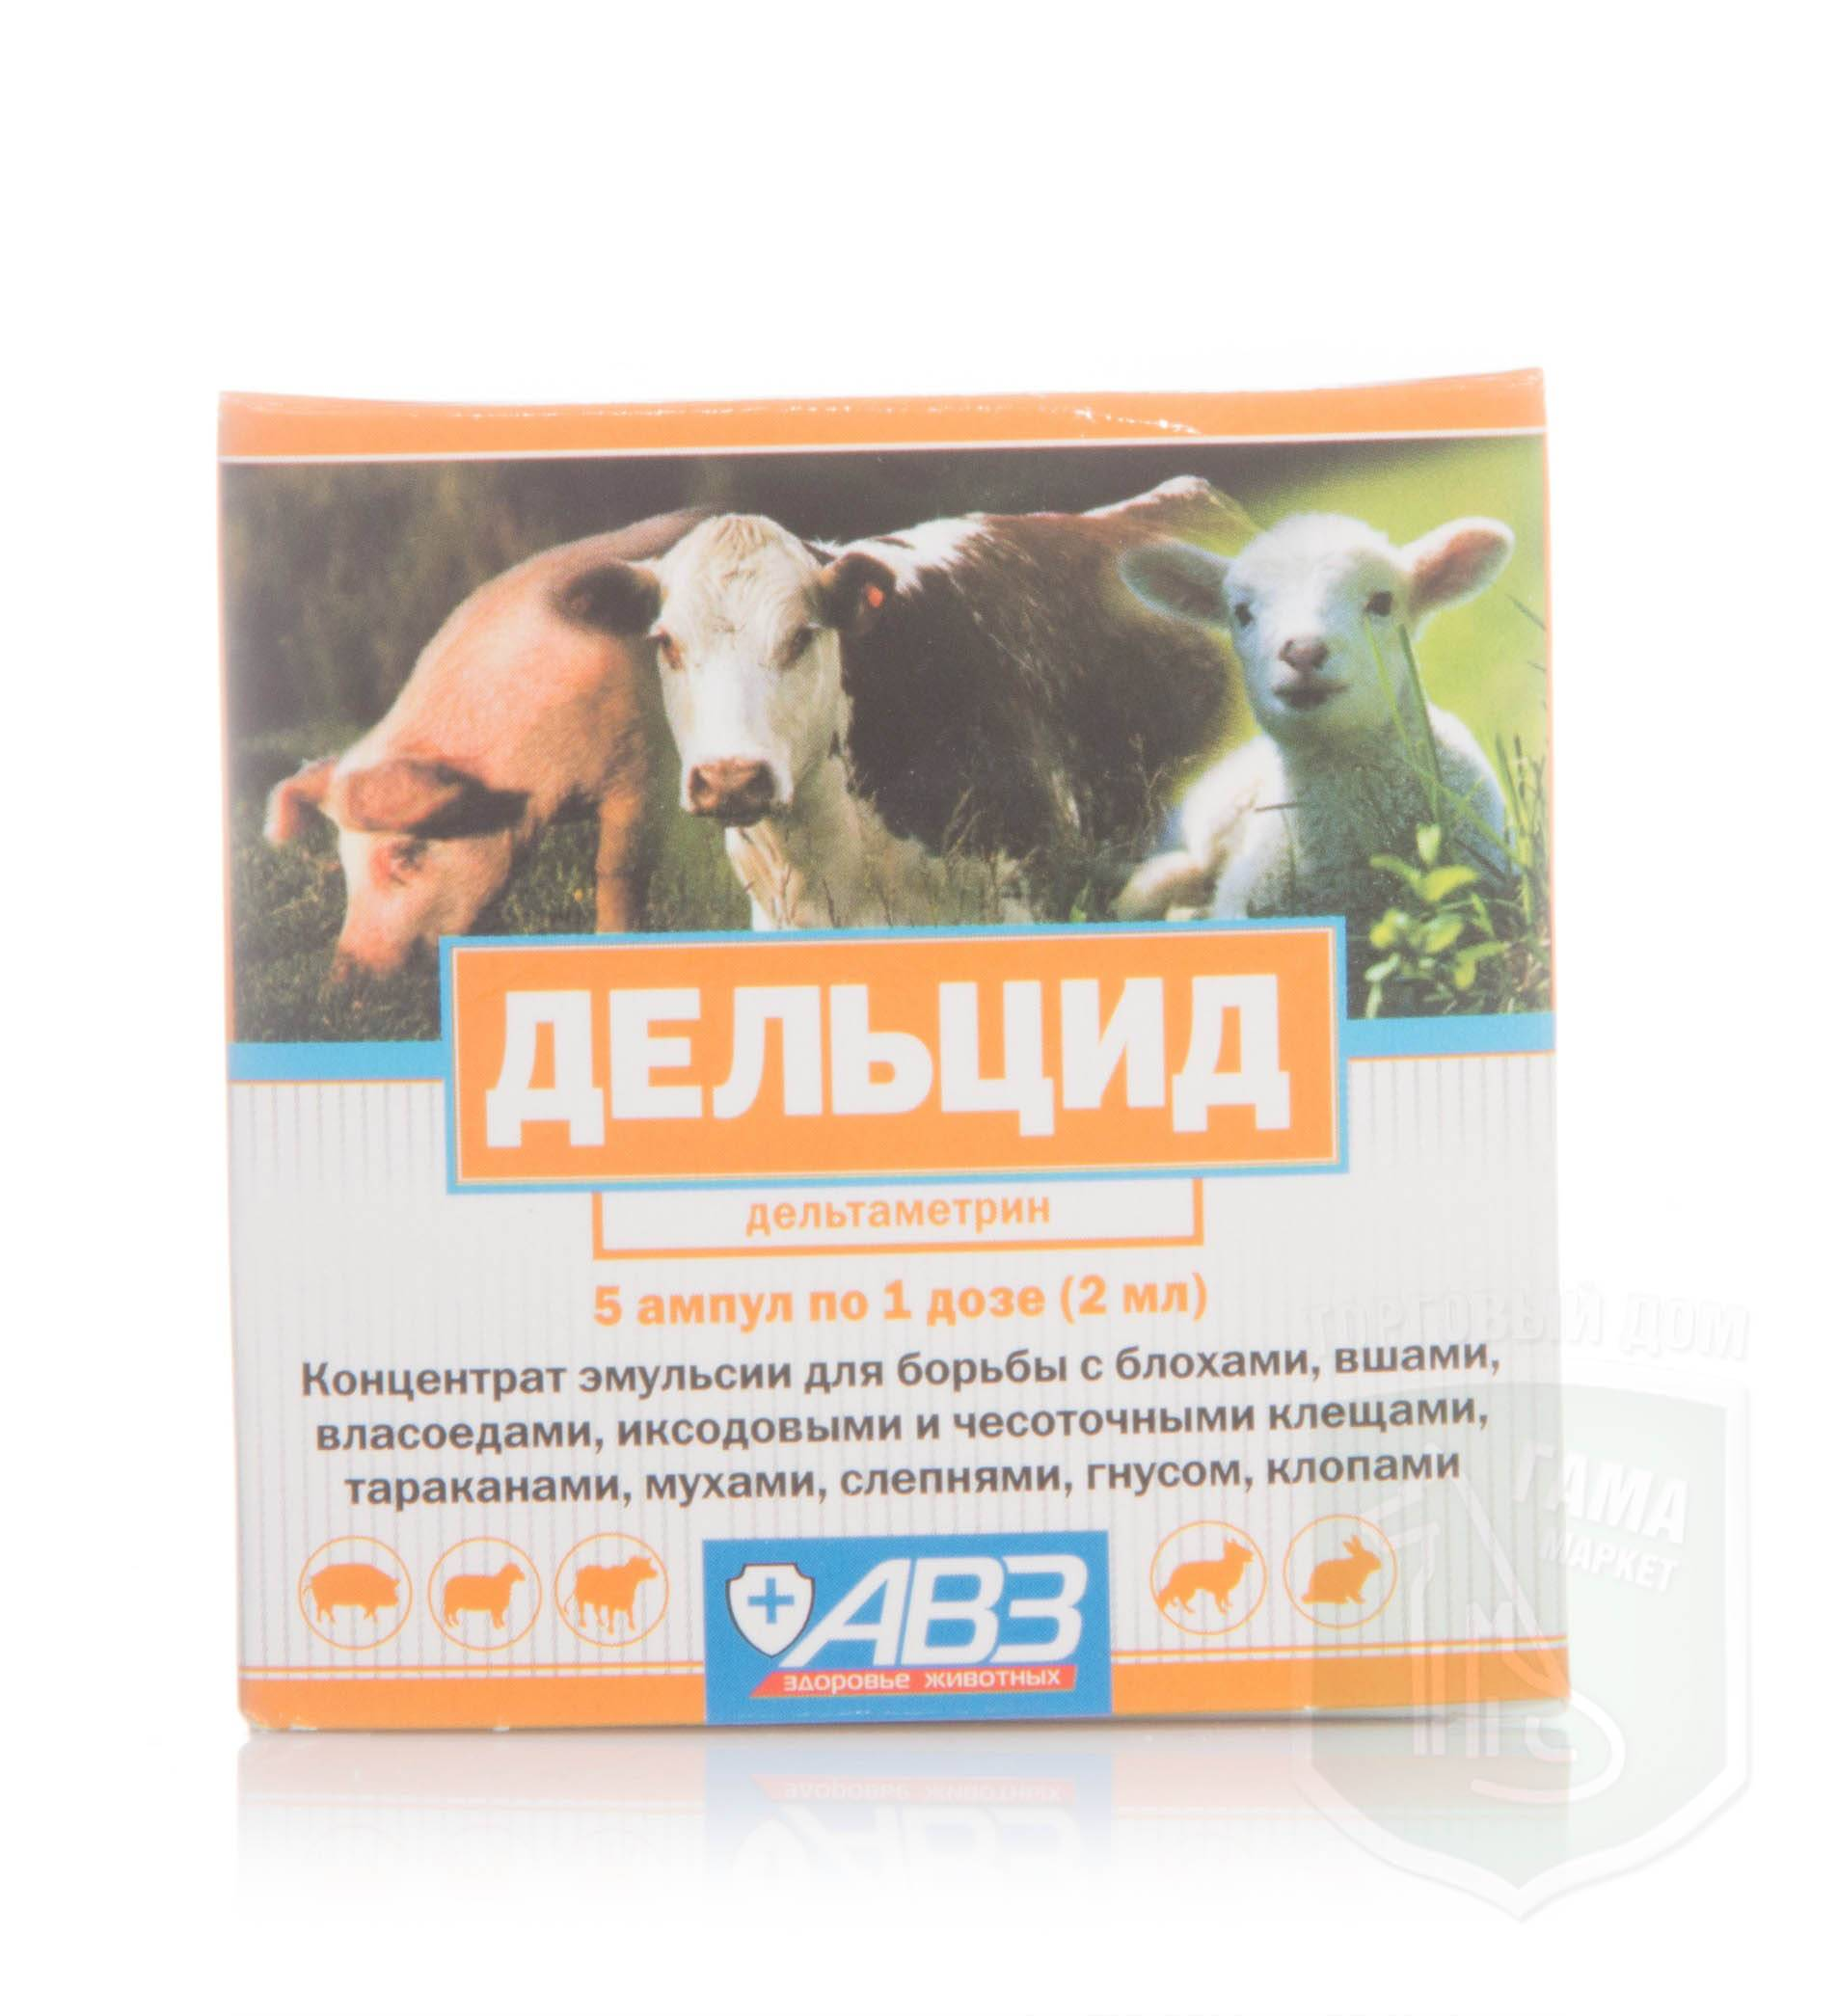 Дельцид 2 мл инструкция по применению для животных от блох.